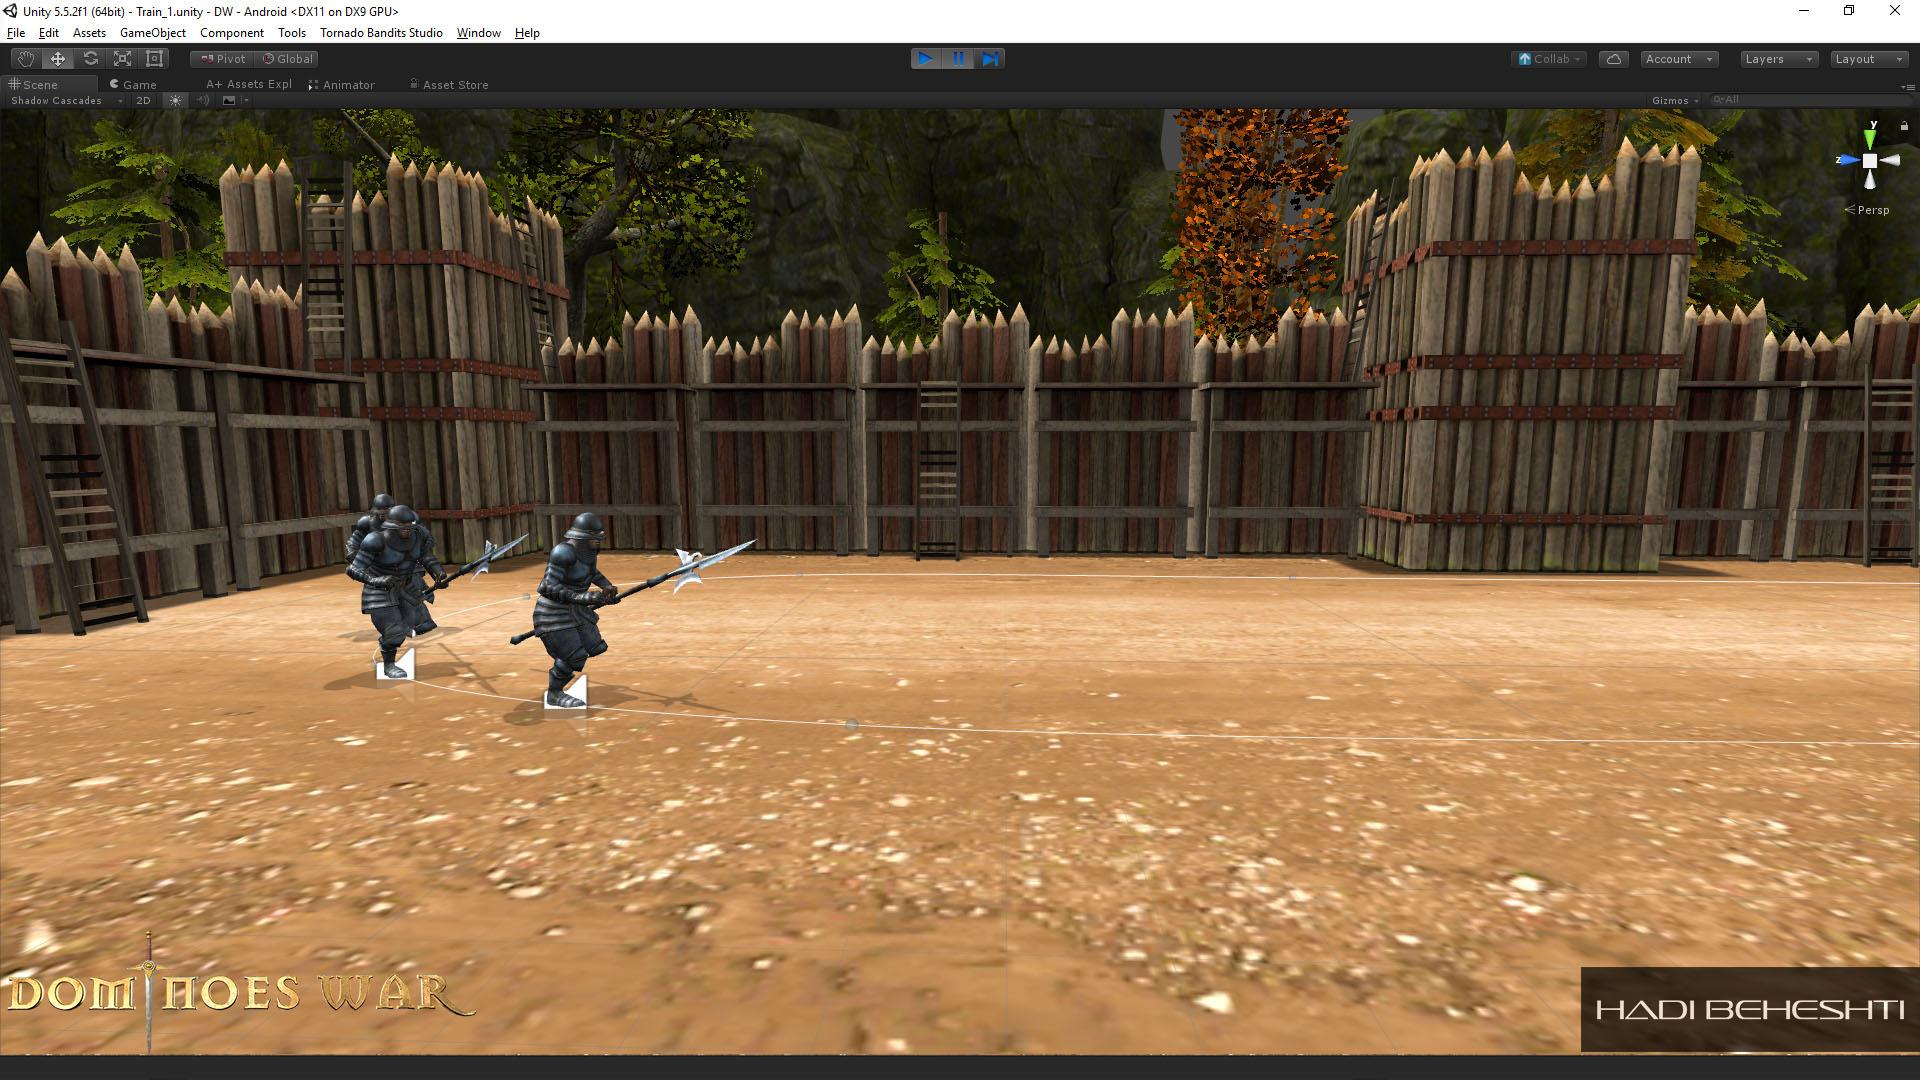 Dominoes War Game Garrison Scene Hadi Beheshti CG Artist-5